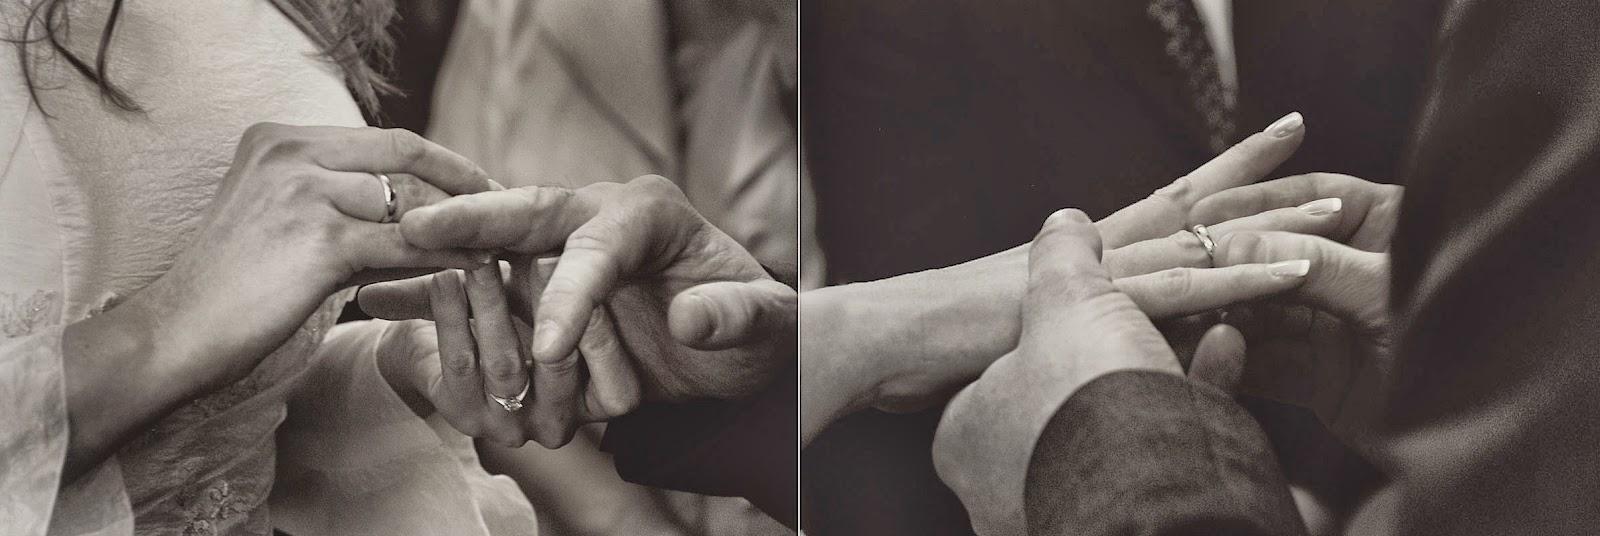 Wkładanie obrączek przez Parę Młodą na ślubie